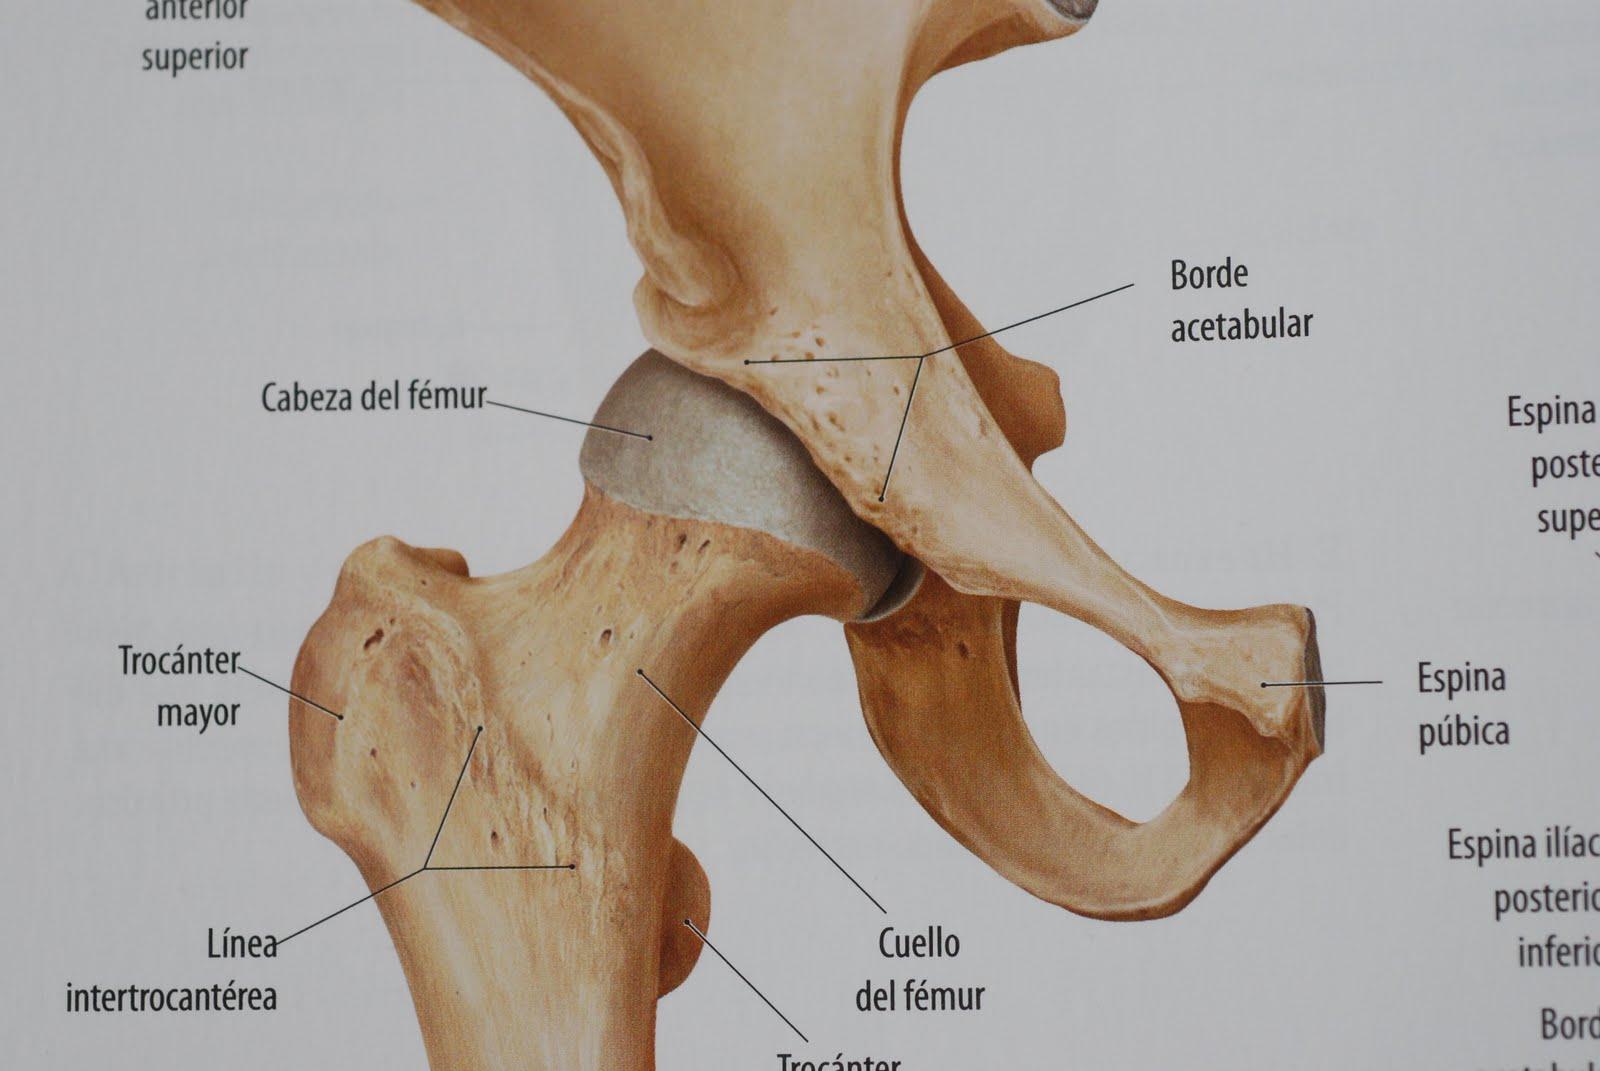 dolor sordo en la cadera superior derecha